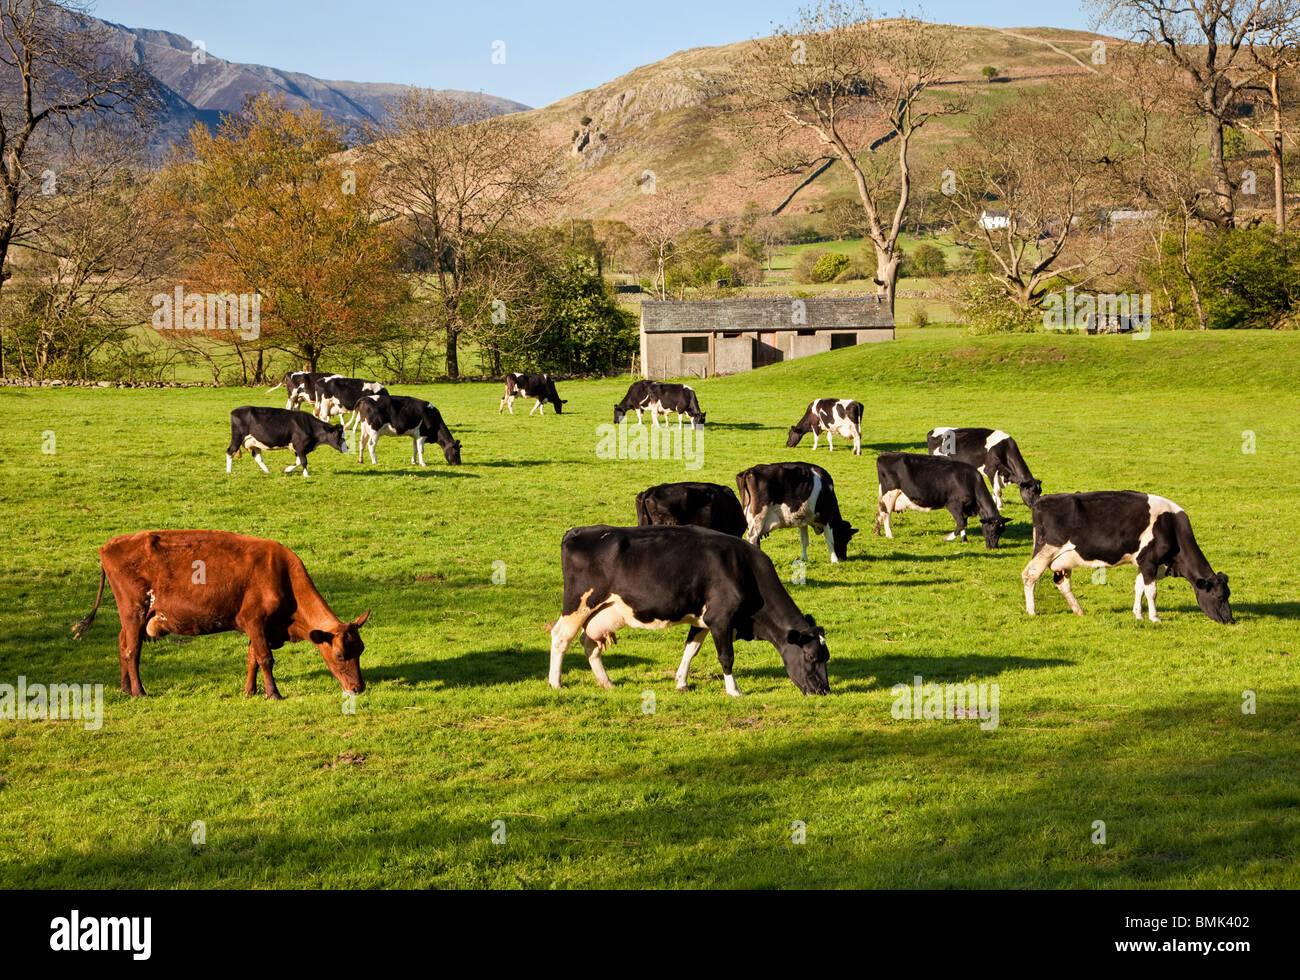 Vacche da latte bovini di allevamento, il pascolo in un campo in una fattoria nel distretto del lago, Cumbria, England, Immagini Stock